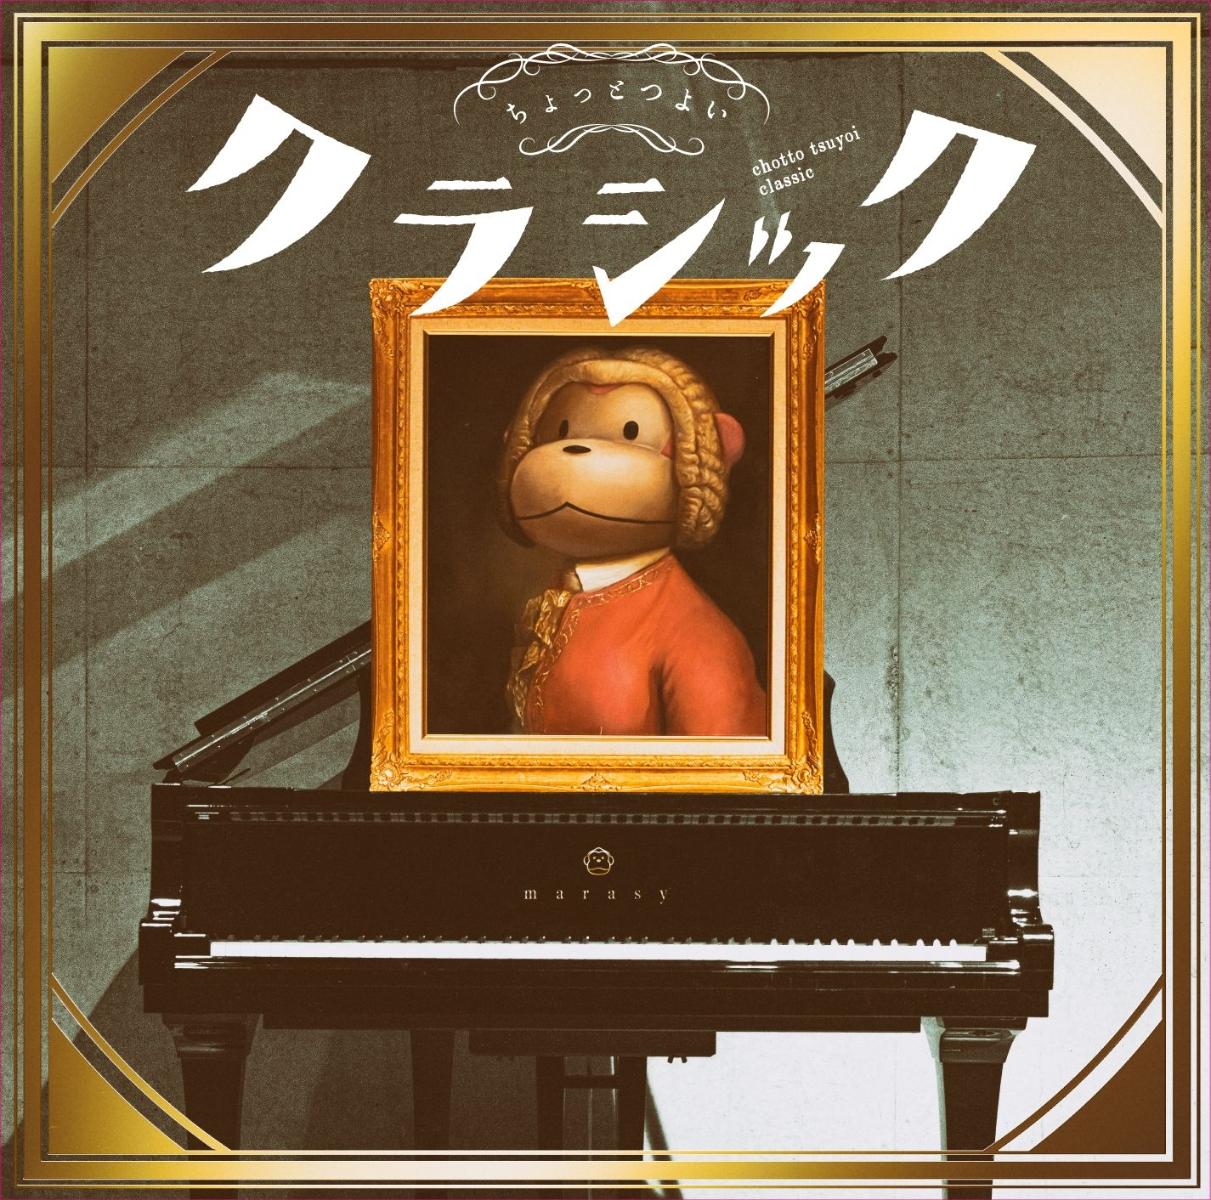 まらしぃ/marasy ちょっとつよいクラシック (初回限定盤 CD+DVD)